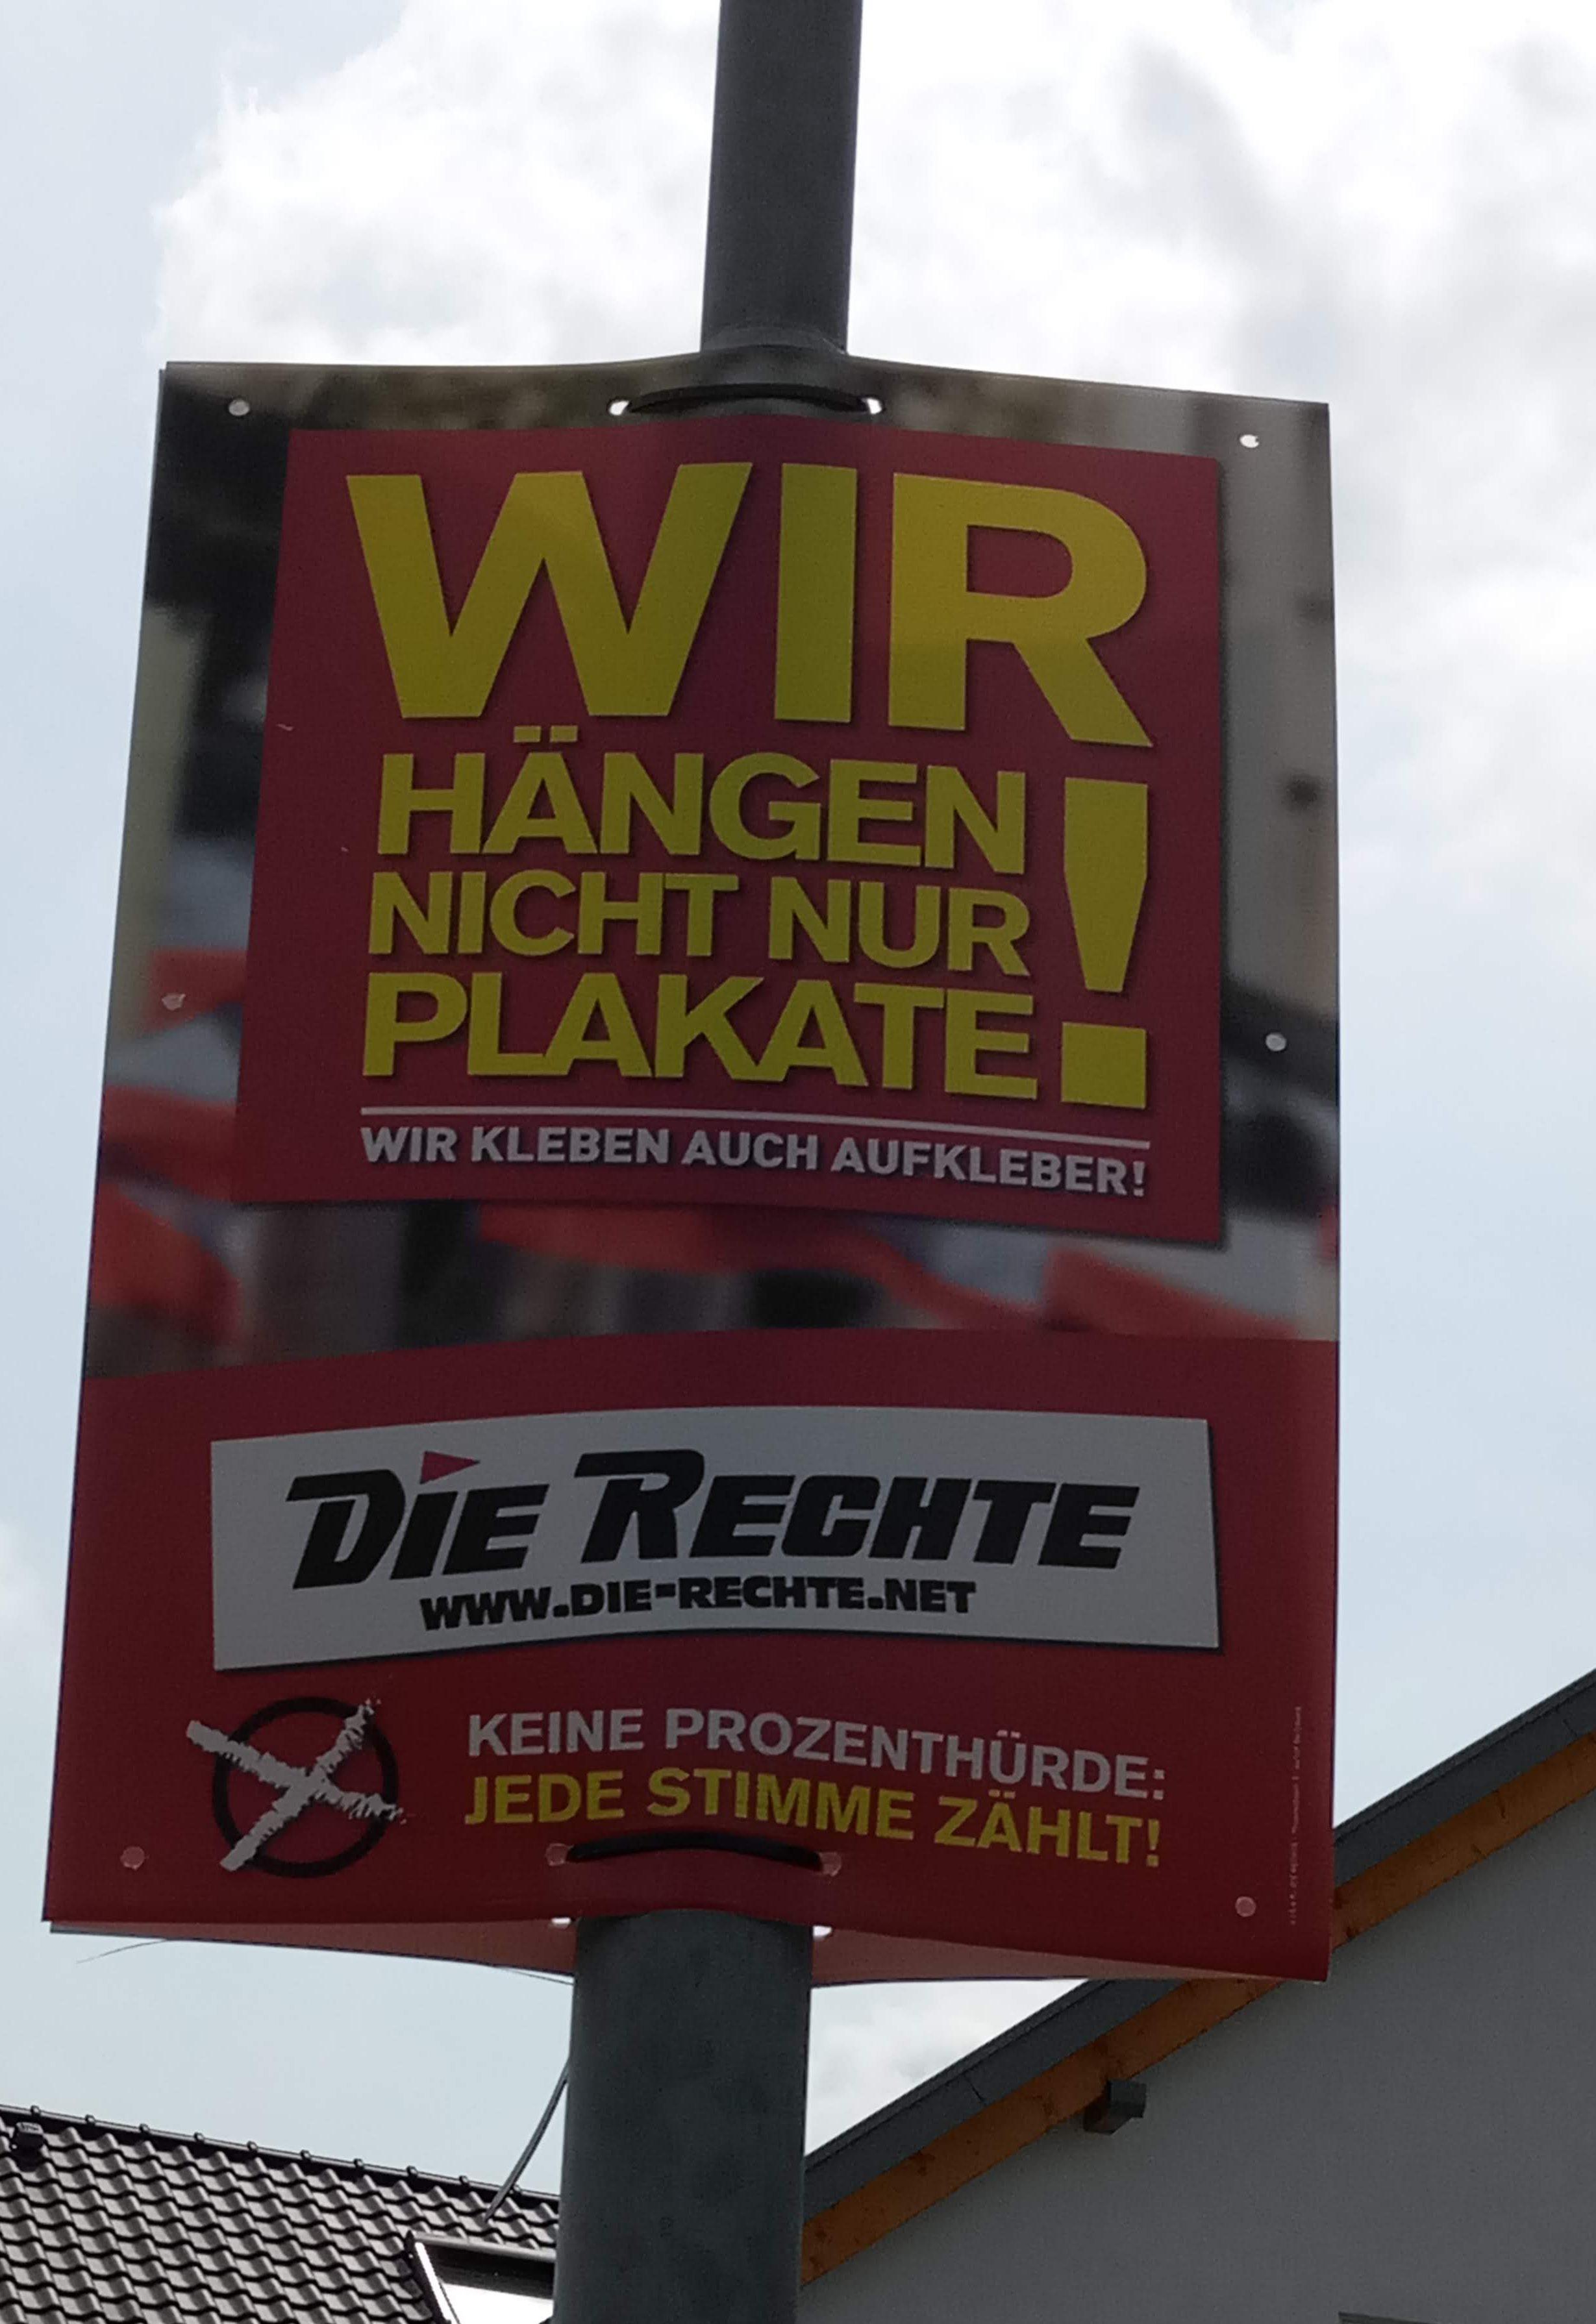 Plakate von Die Rechte in Malsch – persönliche Erklärung im Gemeinderat